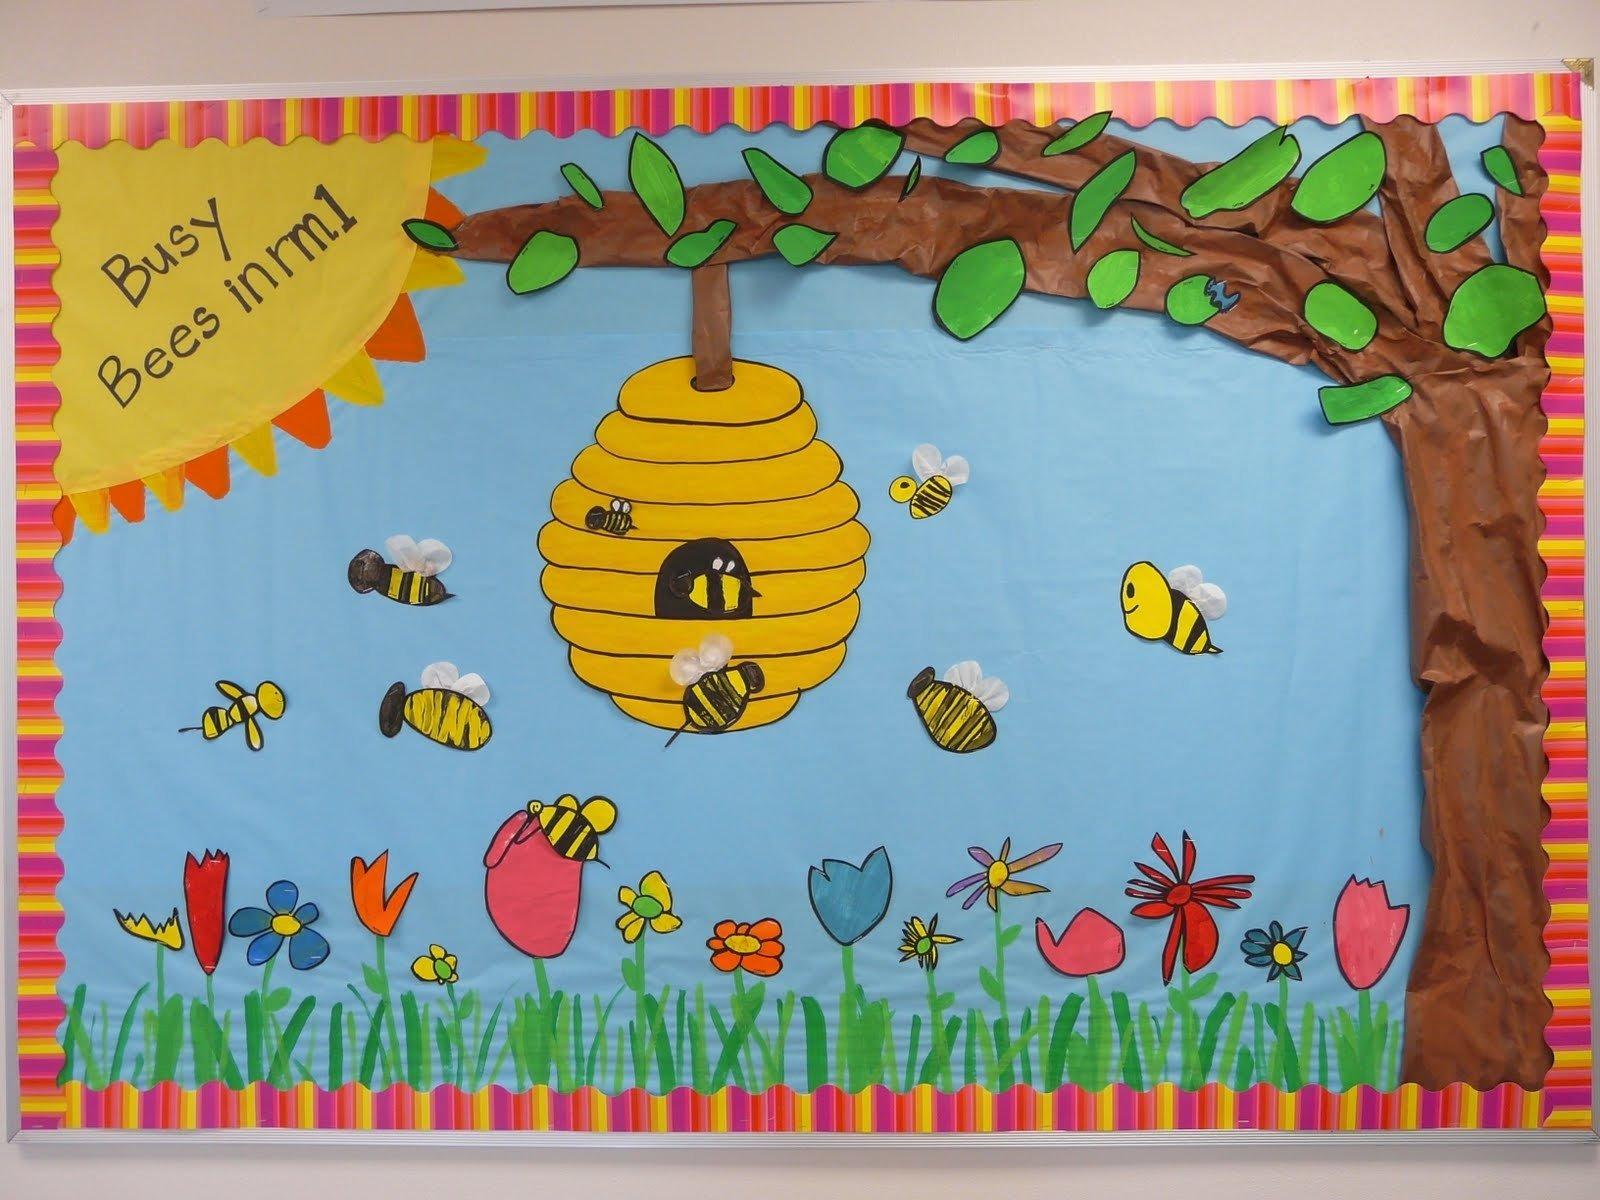 10 Lovable Preschool Spring Bulletin Board Ideas spring bulletin board ideas preschool in the home mediasinfos 2020